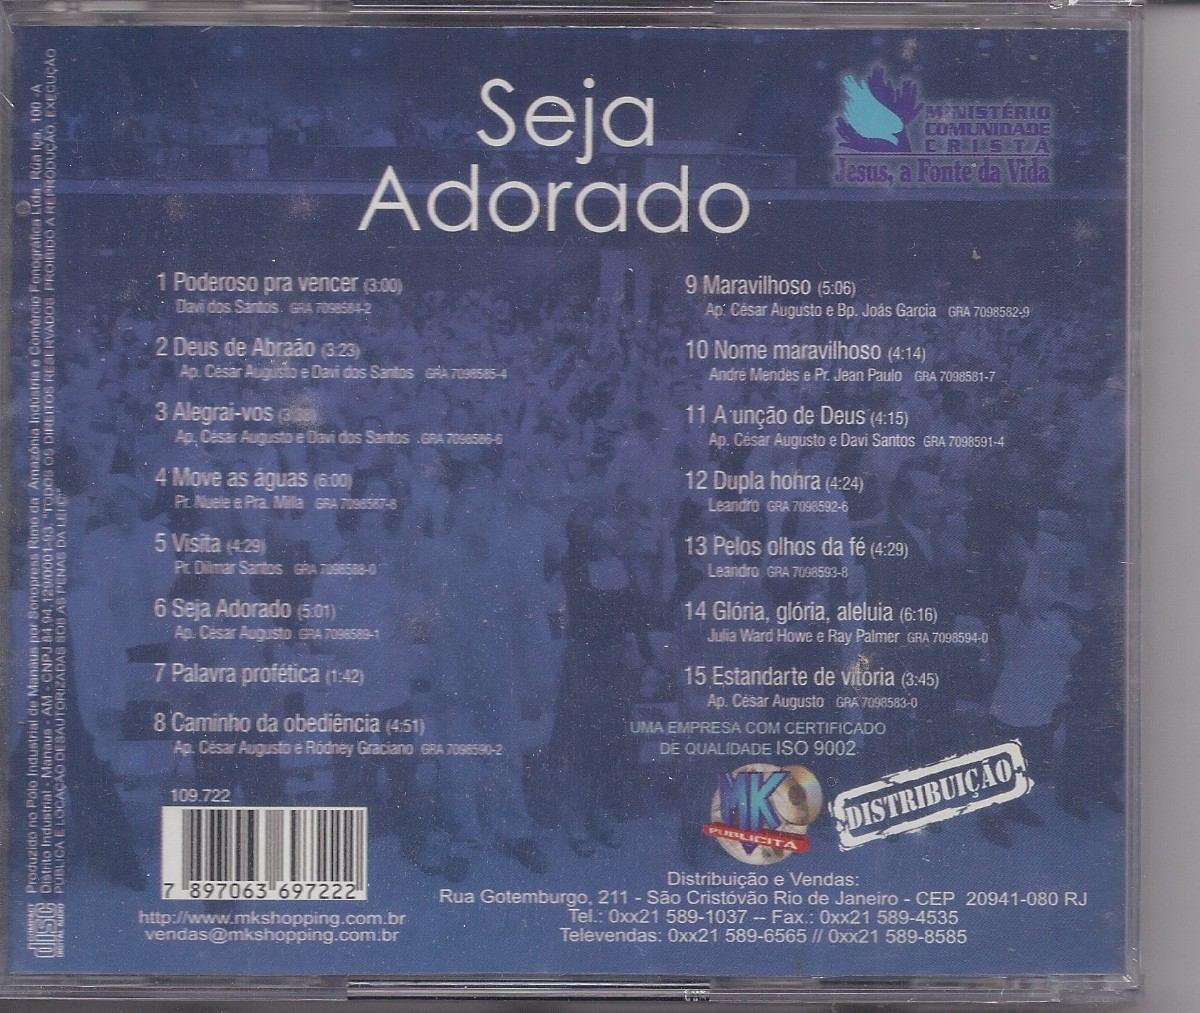 DOWNLOAD ADORADO GOIANIA COMUNIDADE CD DE GRATUITO SEJA - CRISTA